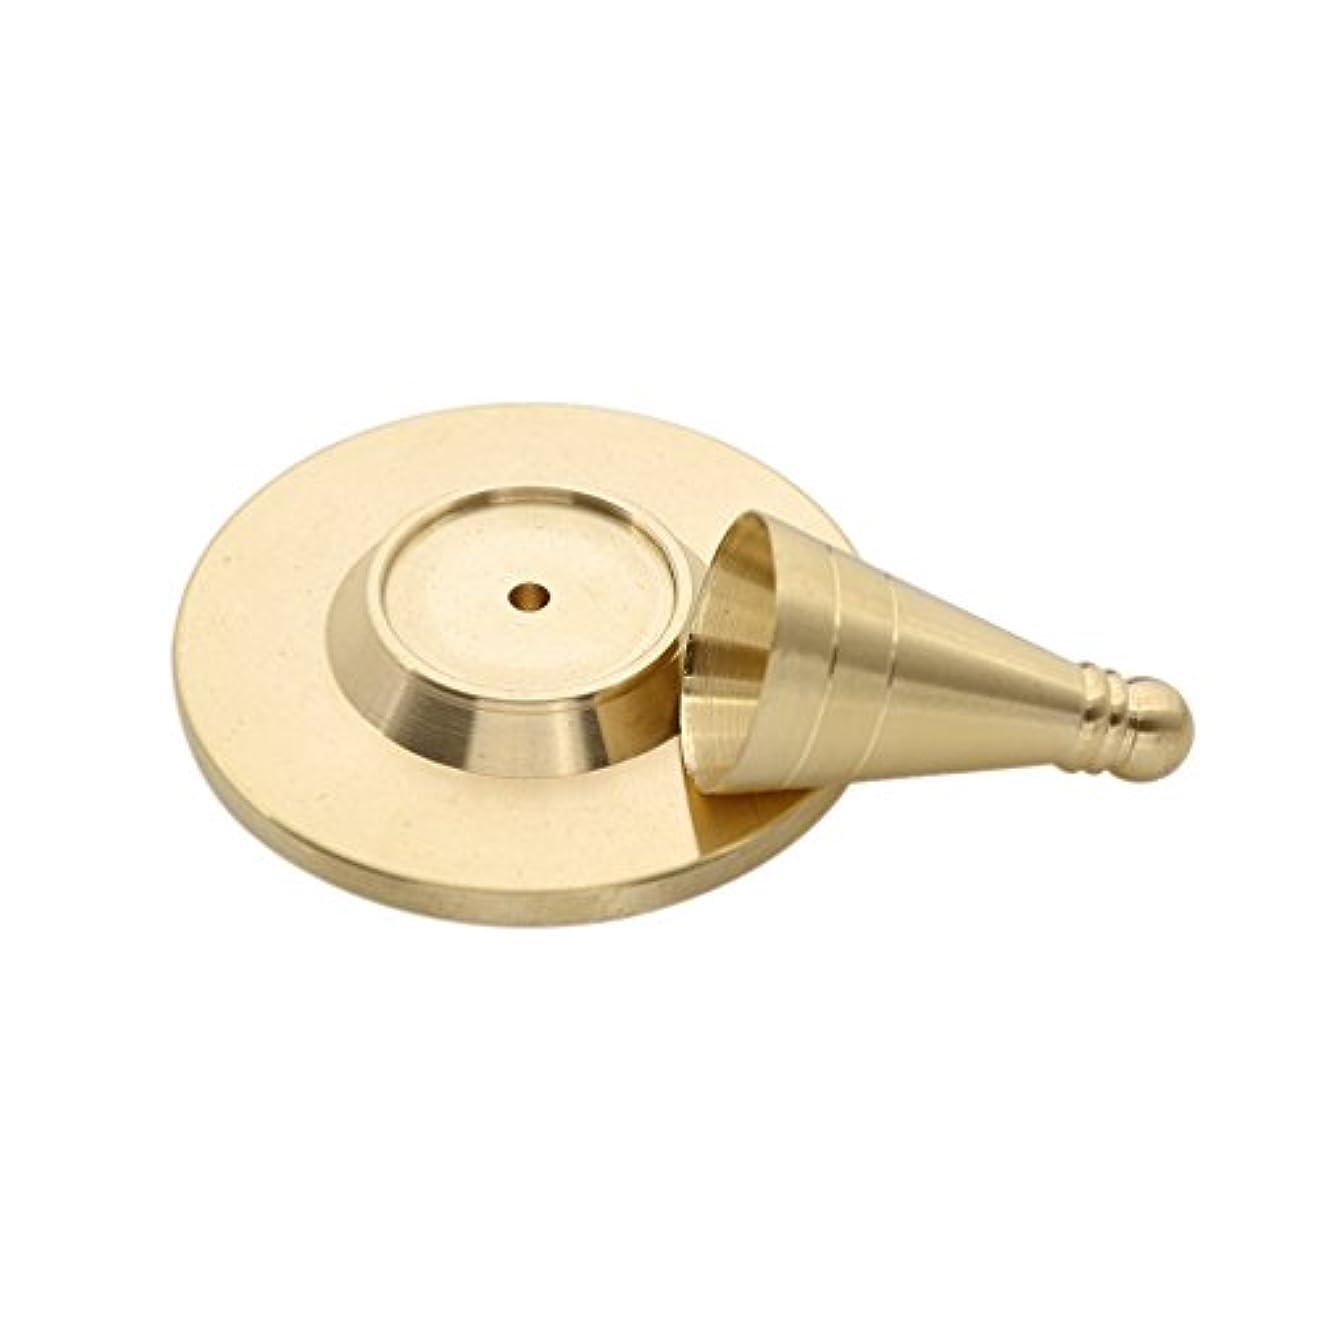 取る魅了する一部(ライチ) Lychee 手作り お香 DIY用 ツール インセンス コーンタイプ 円錐 モールド 自家製 高さ3.5cm